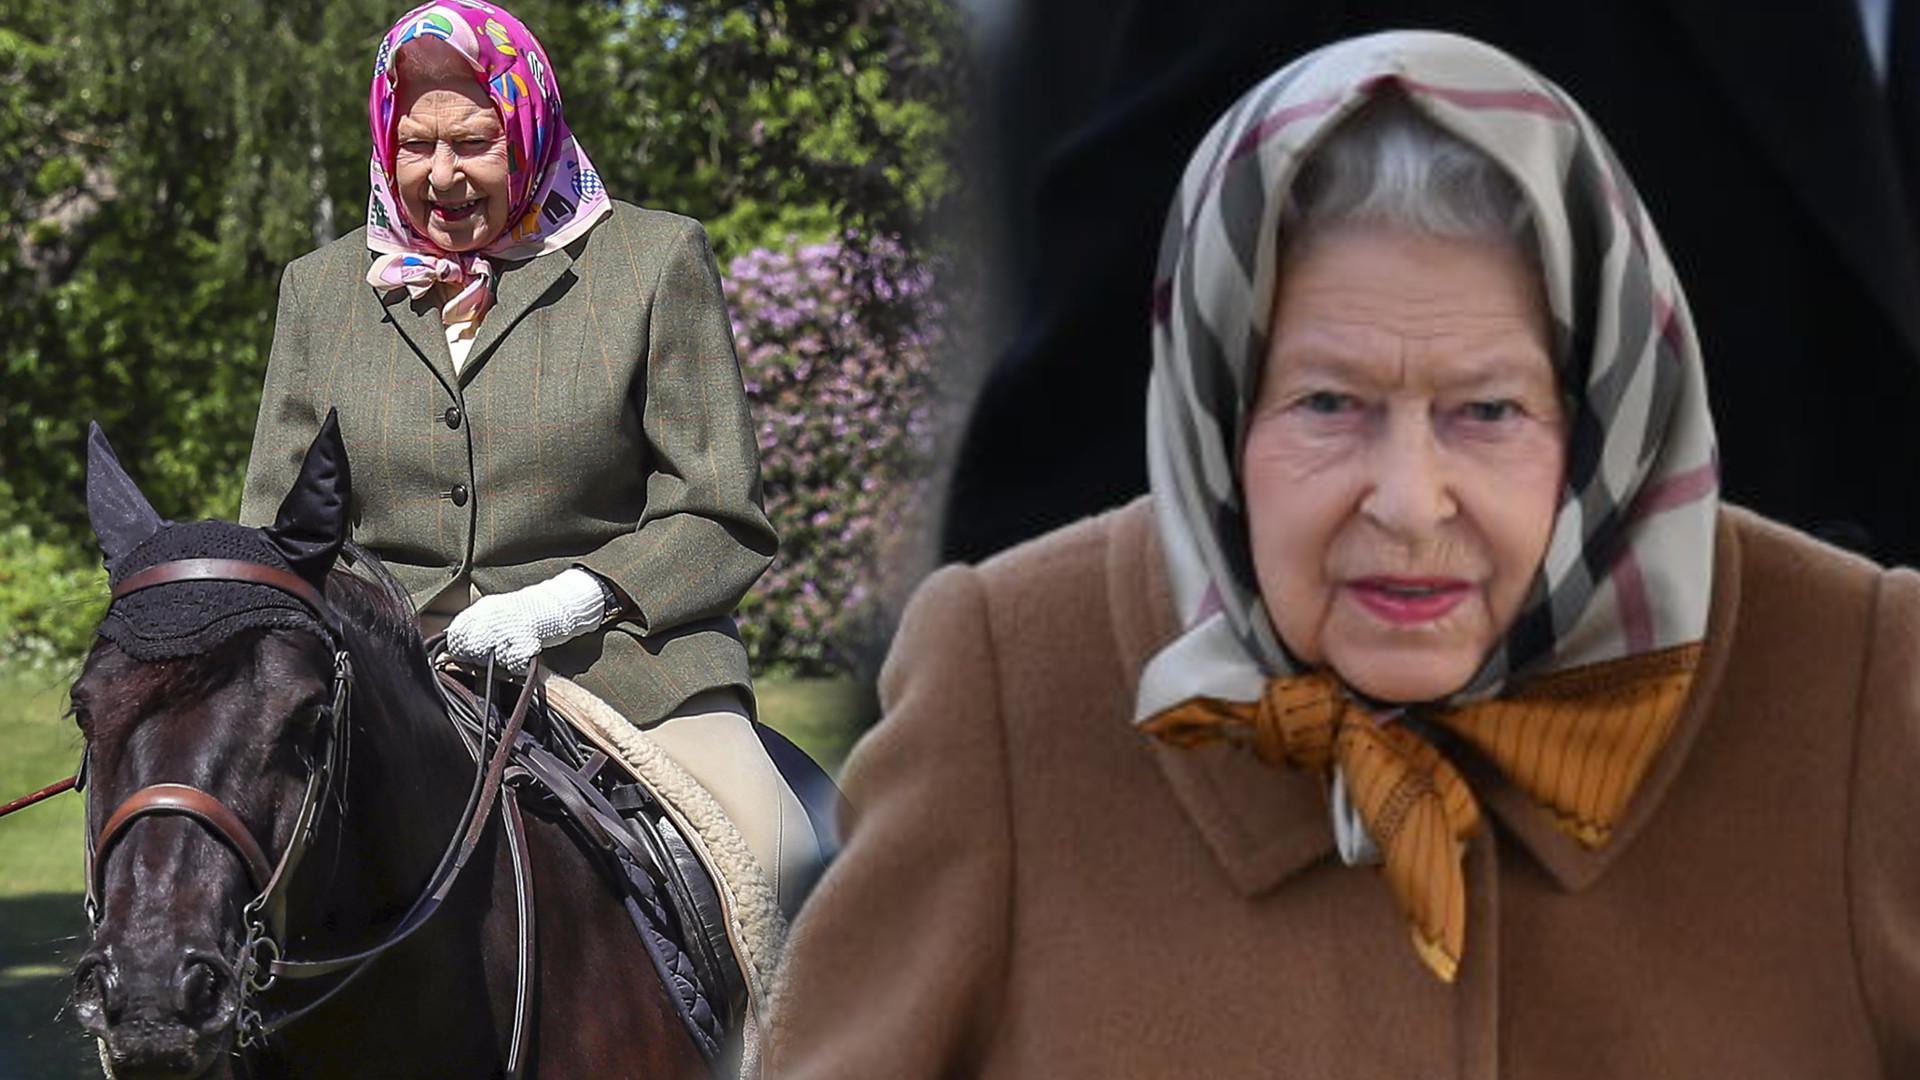 Królowa Elżbieta widziana po raz pierwszy od wybuchu pandemii – ma 94 lata a jeździ na koniu (FOTO)